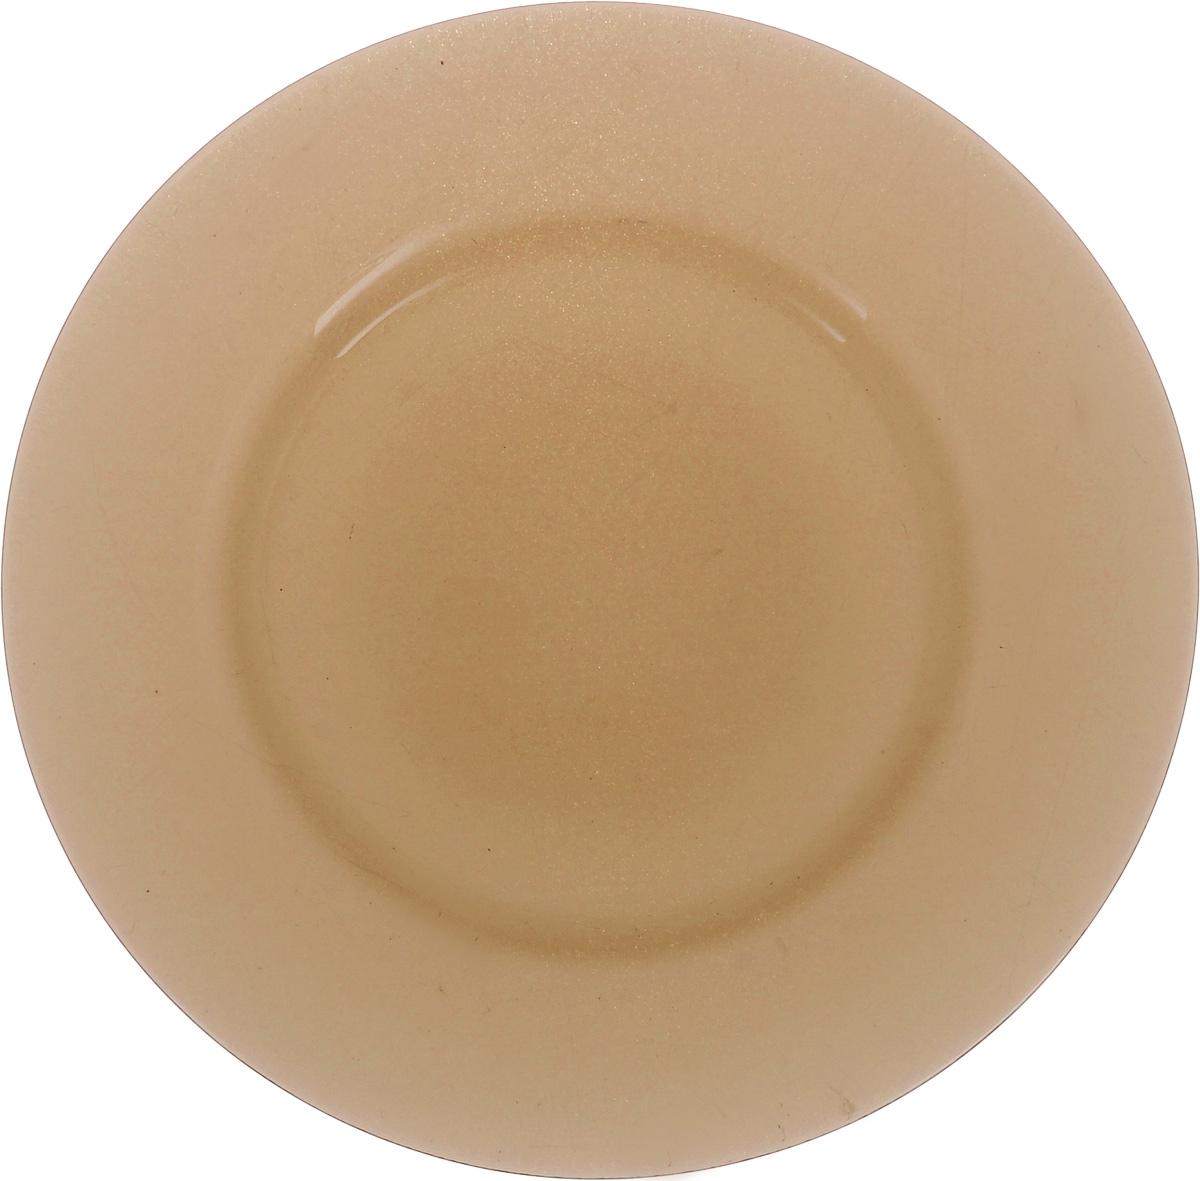 Тарелка обеденная Luminarc Directoire Eclipse, 25 смH0075Обеденная тарелка Luminarc Directoire Eclipse, изготовленная из высококачественного стекла, имеет изысканный внешний вид. Яркий дизайн придется по вкусу и ценителям классики, и тем, кто предпочитает утонченность. Тарелка Luminarc Directoire Eclipse идеально подойдет для сервировки стола и станет отличным подарком к любому празднику. Диаметр (по верхнему краю): 25 см. Высота тарелки: 2 см.